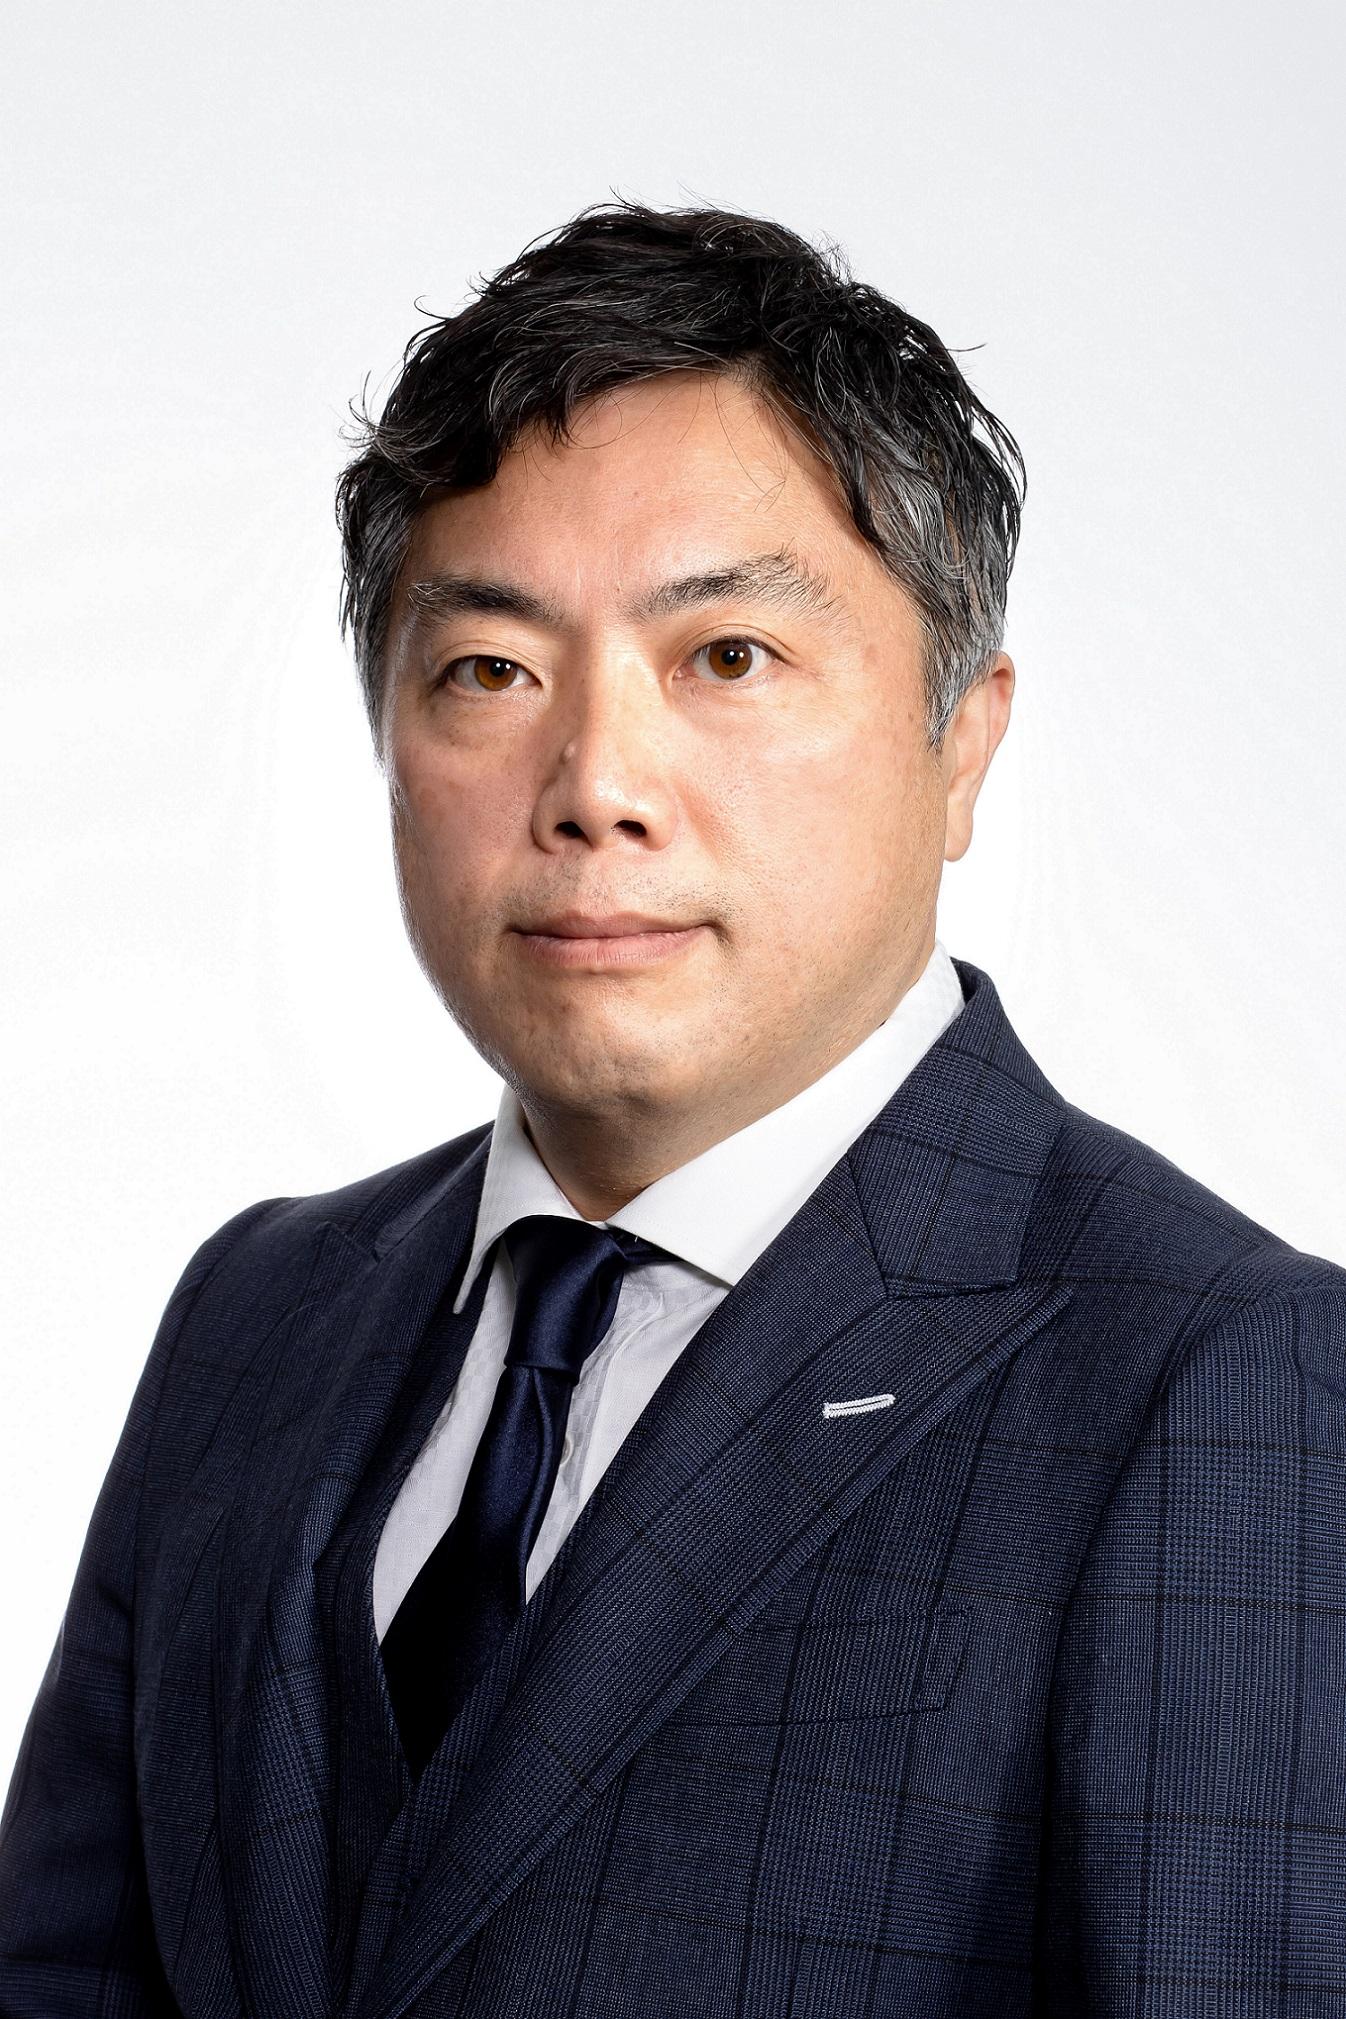 取締役 六車 進 Susumu Muguruma